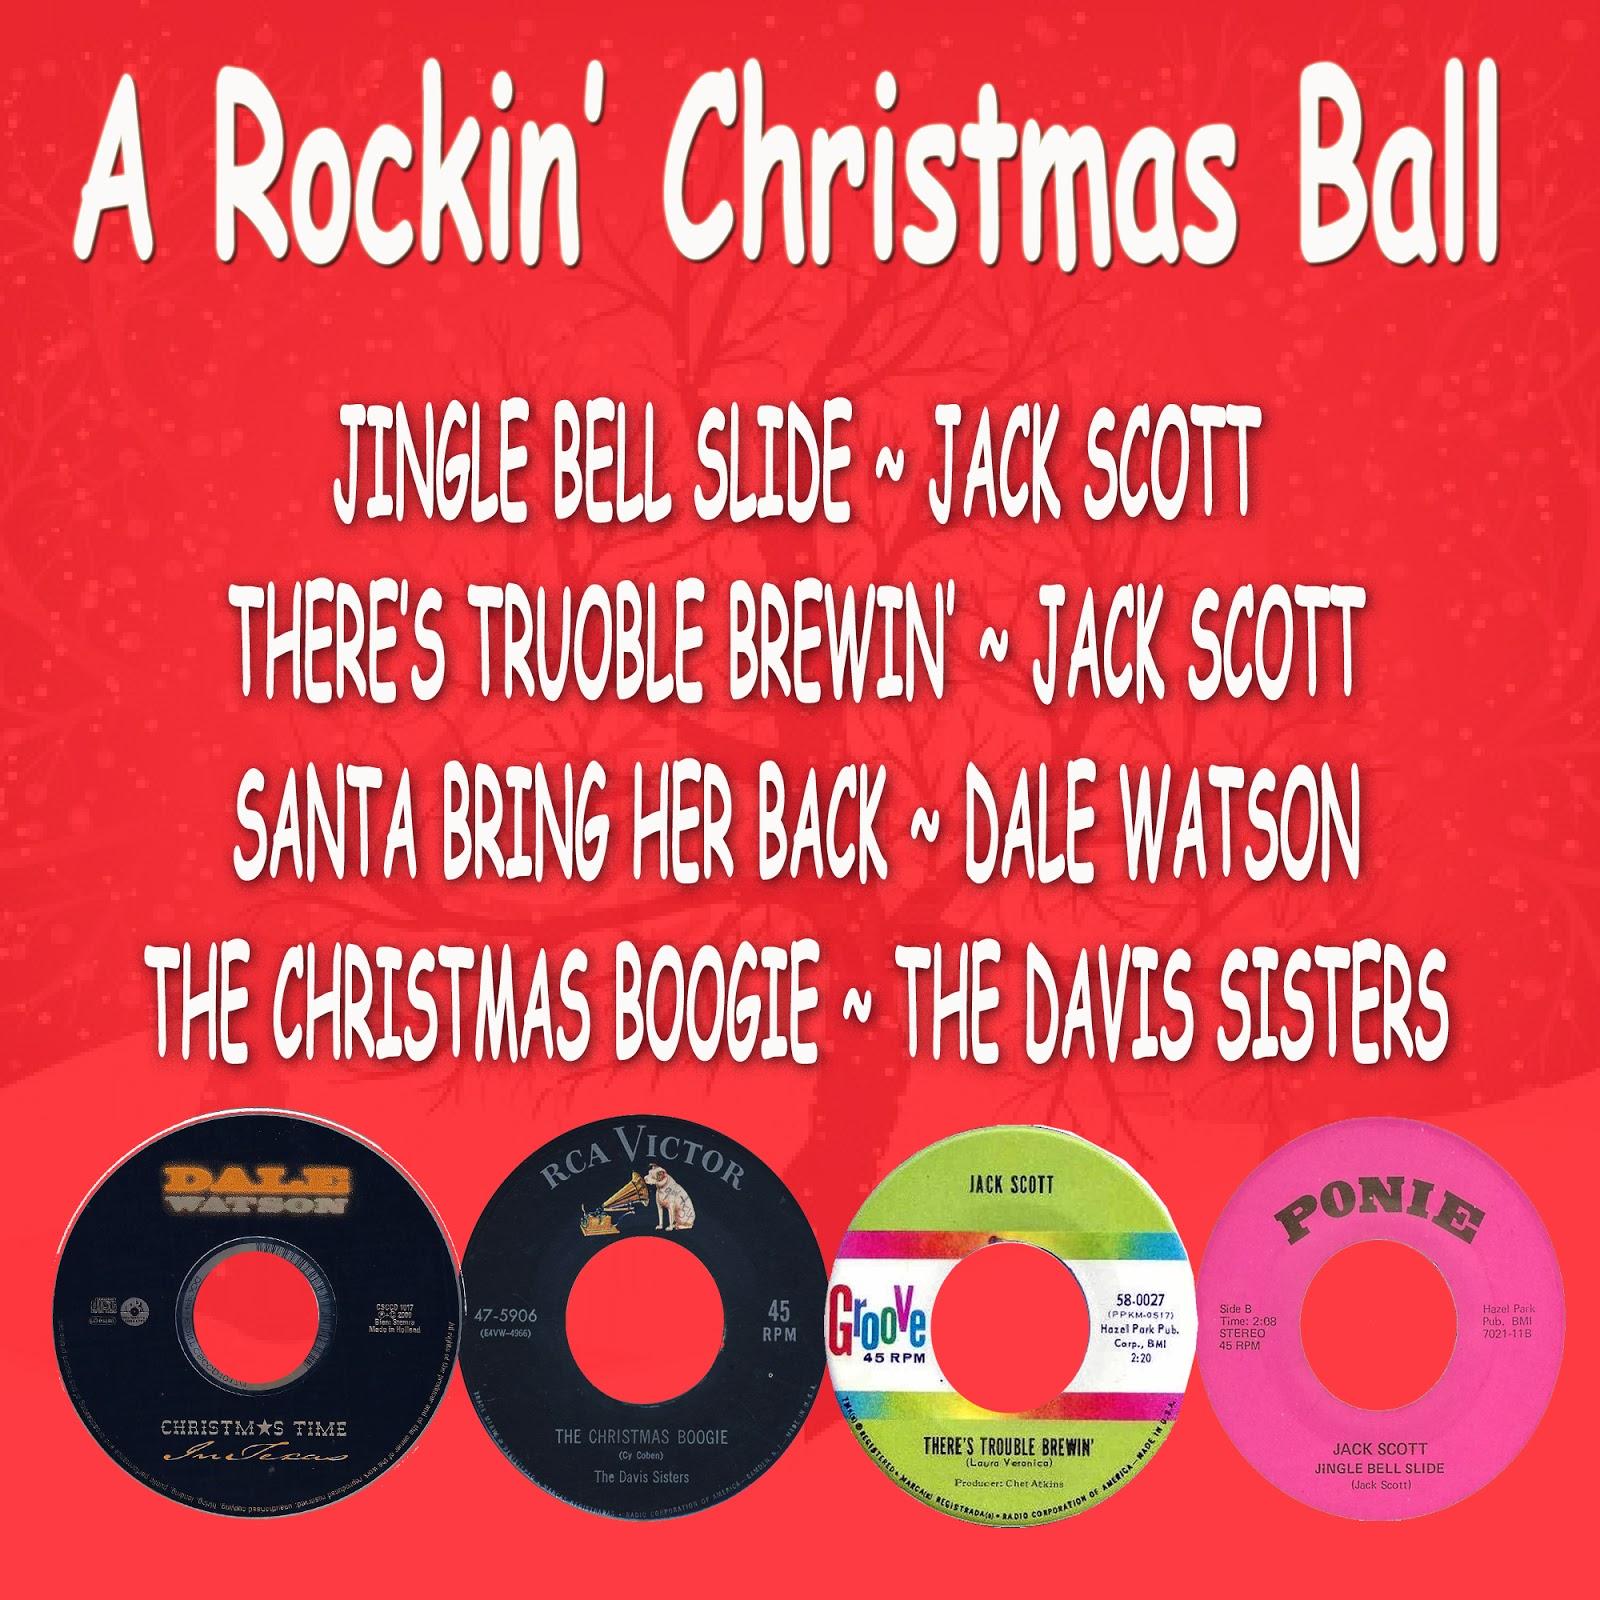 RockabillyDukeBox!: A Rockin' Christmas Ball